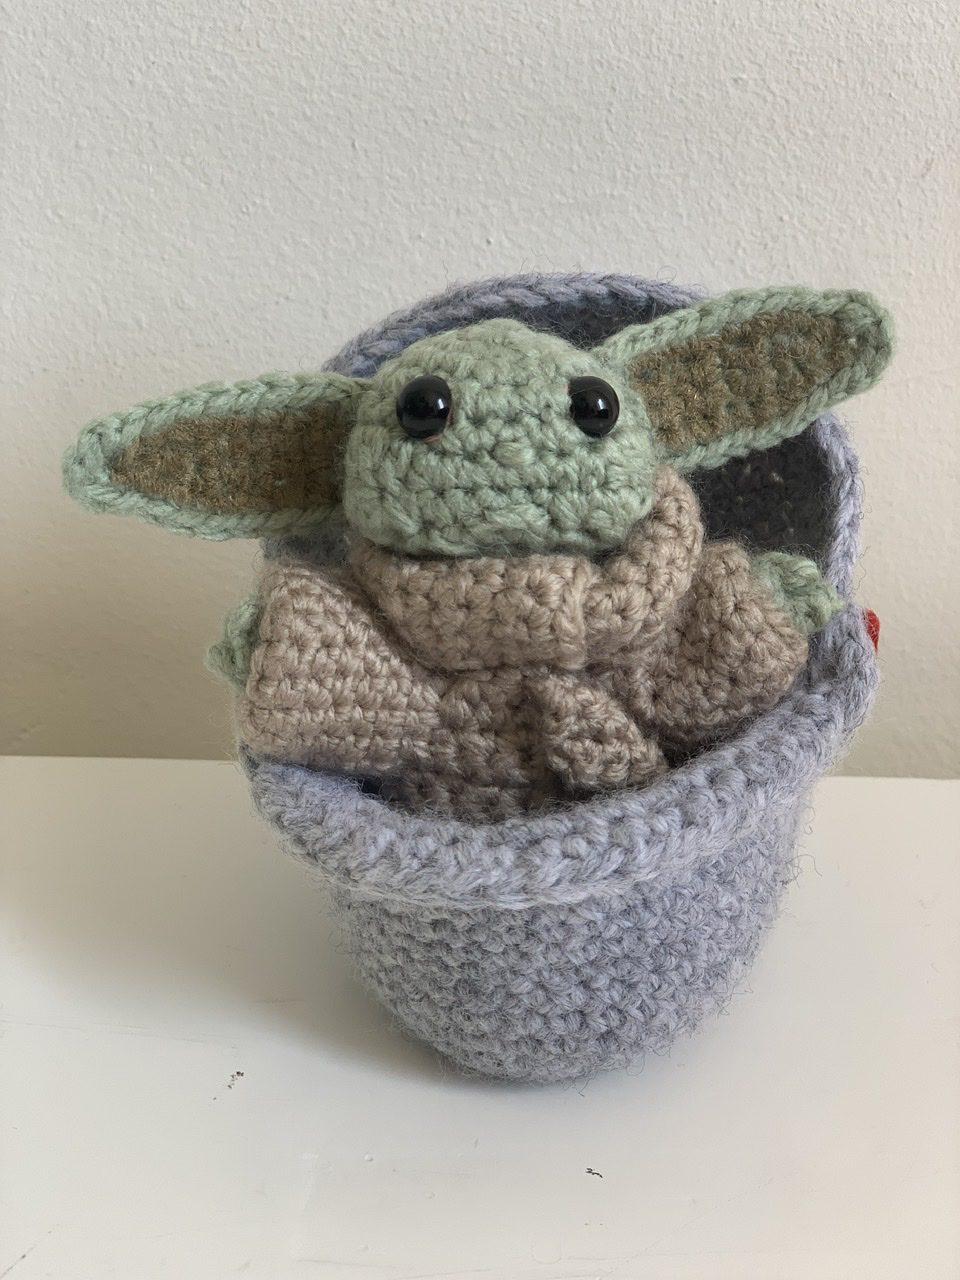 Baby Yoda in spacepod